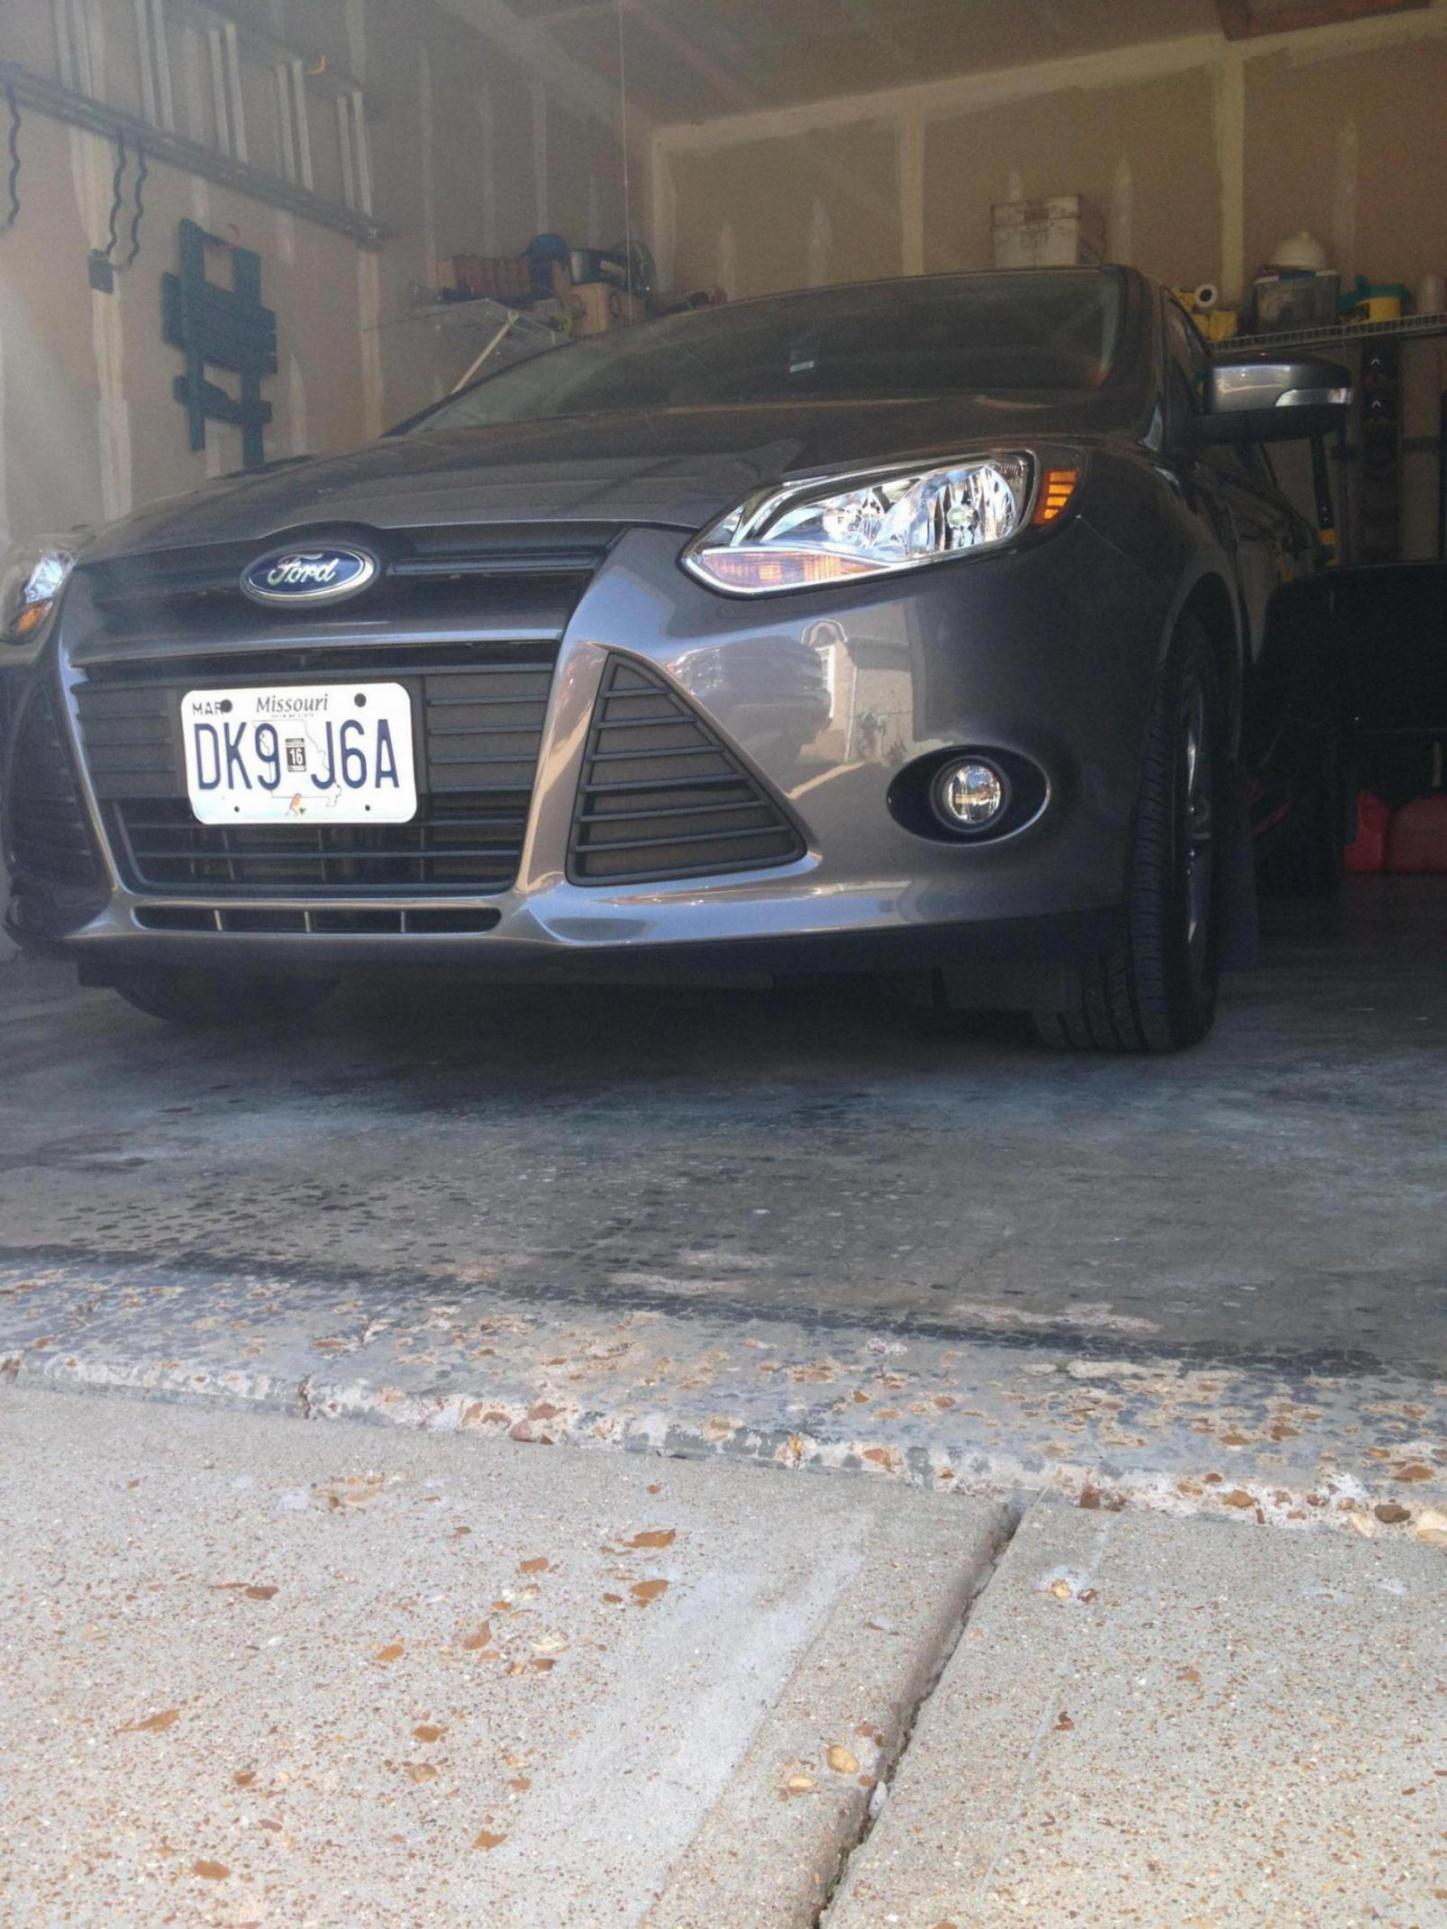 Ford focus light bar img_0613_1483941355849 jpg